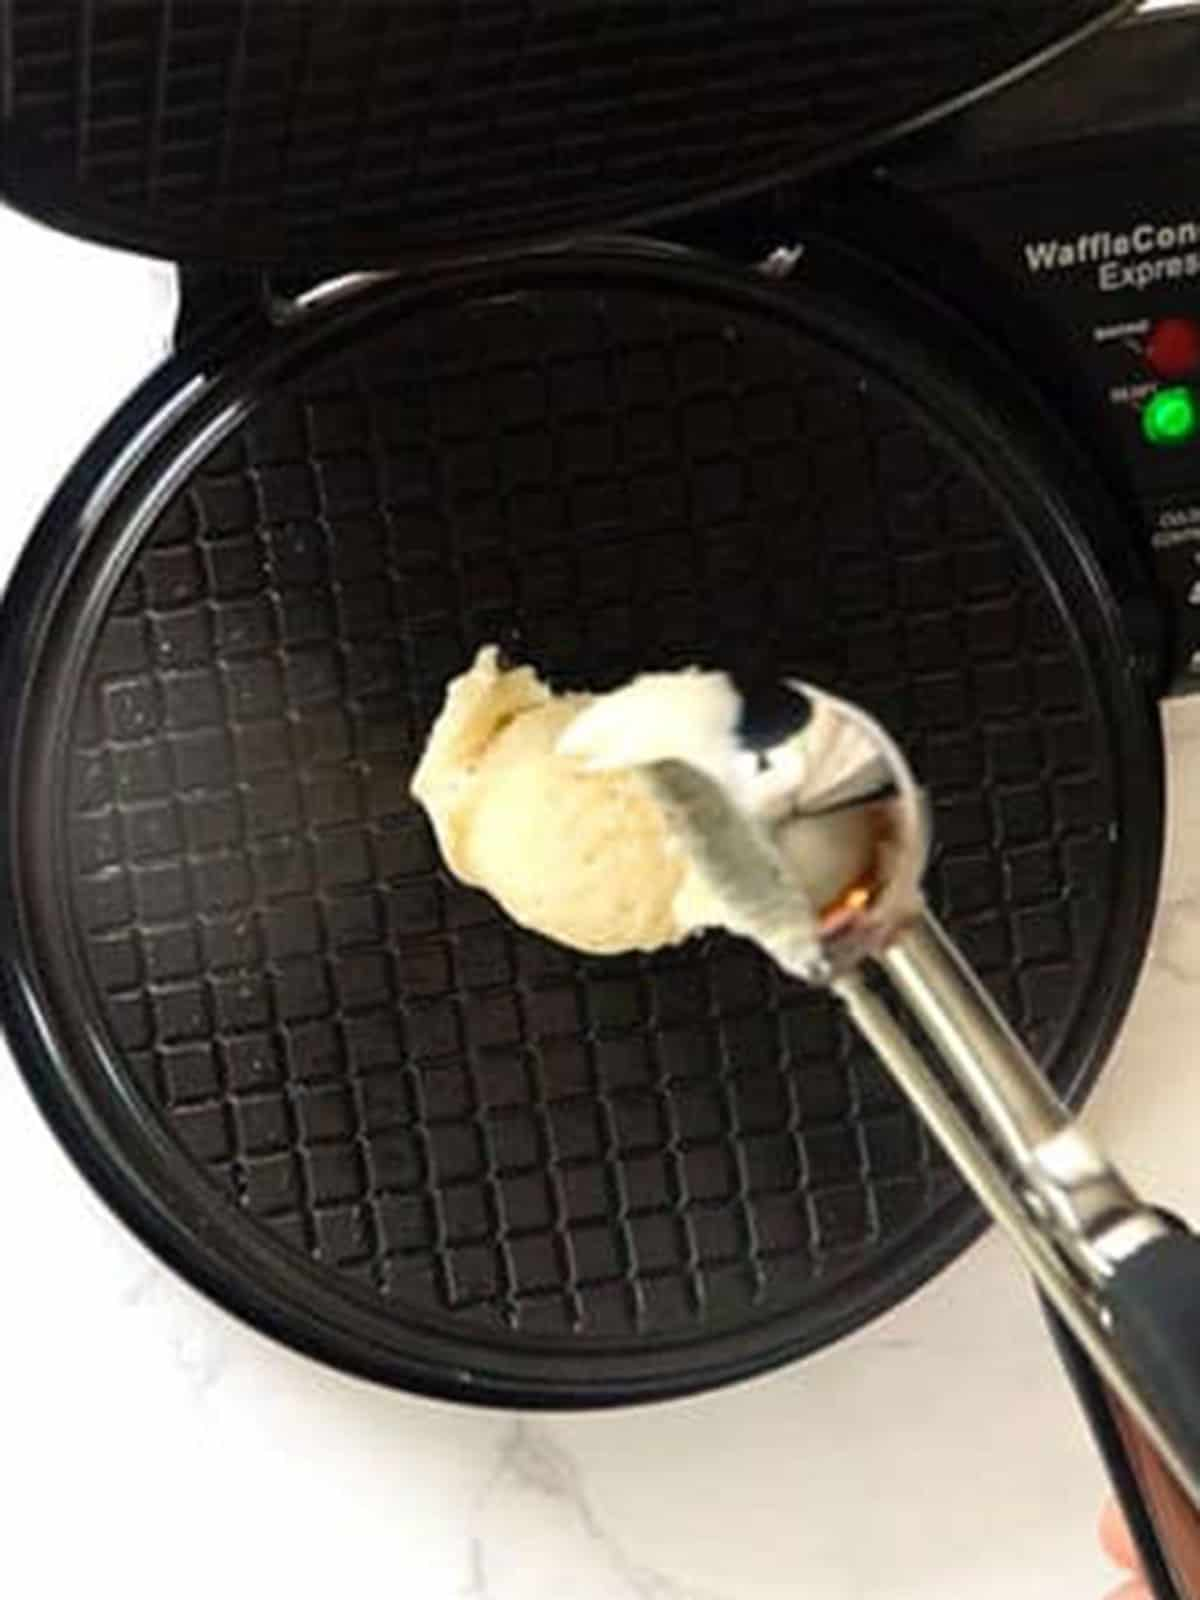 Adding waffle batter to waffle iron